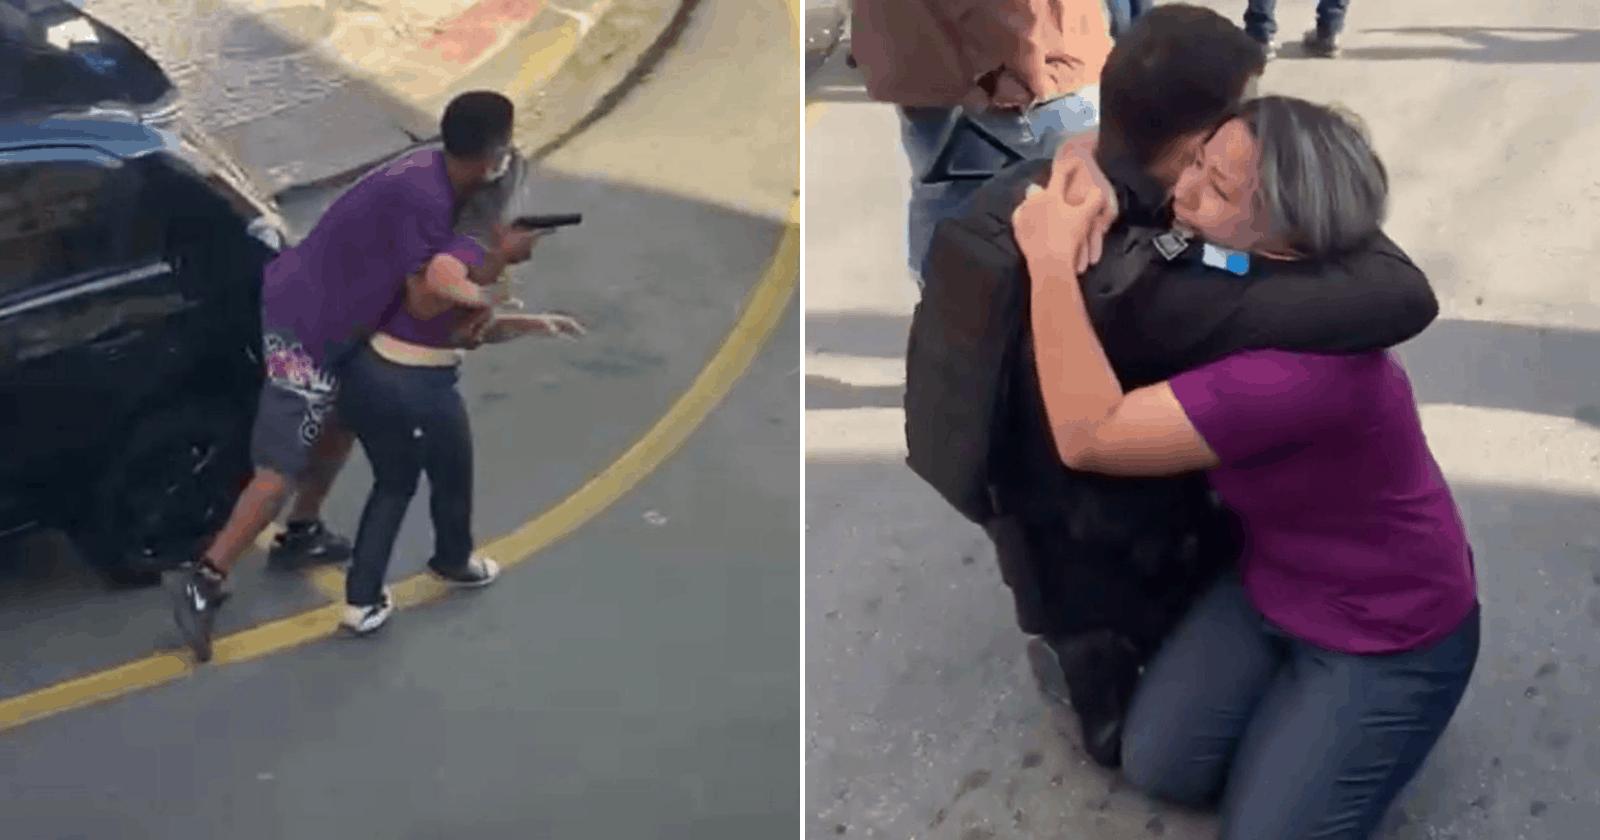 Policial ampara mulher aos prantos após ter sido usada como refém